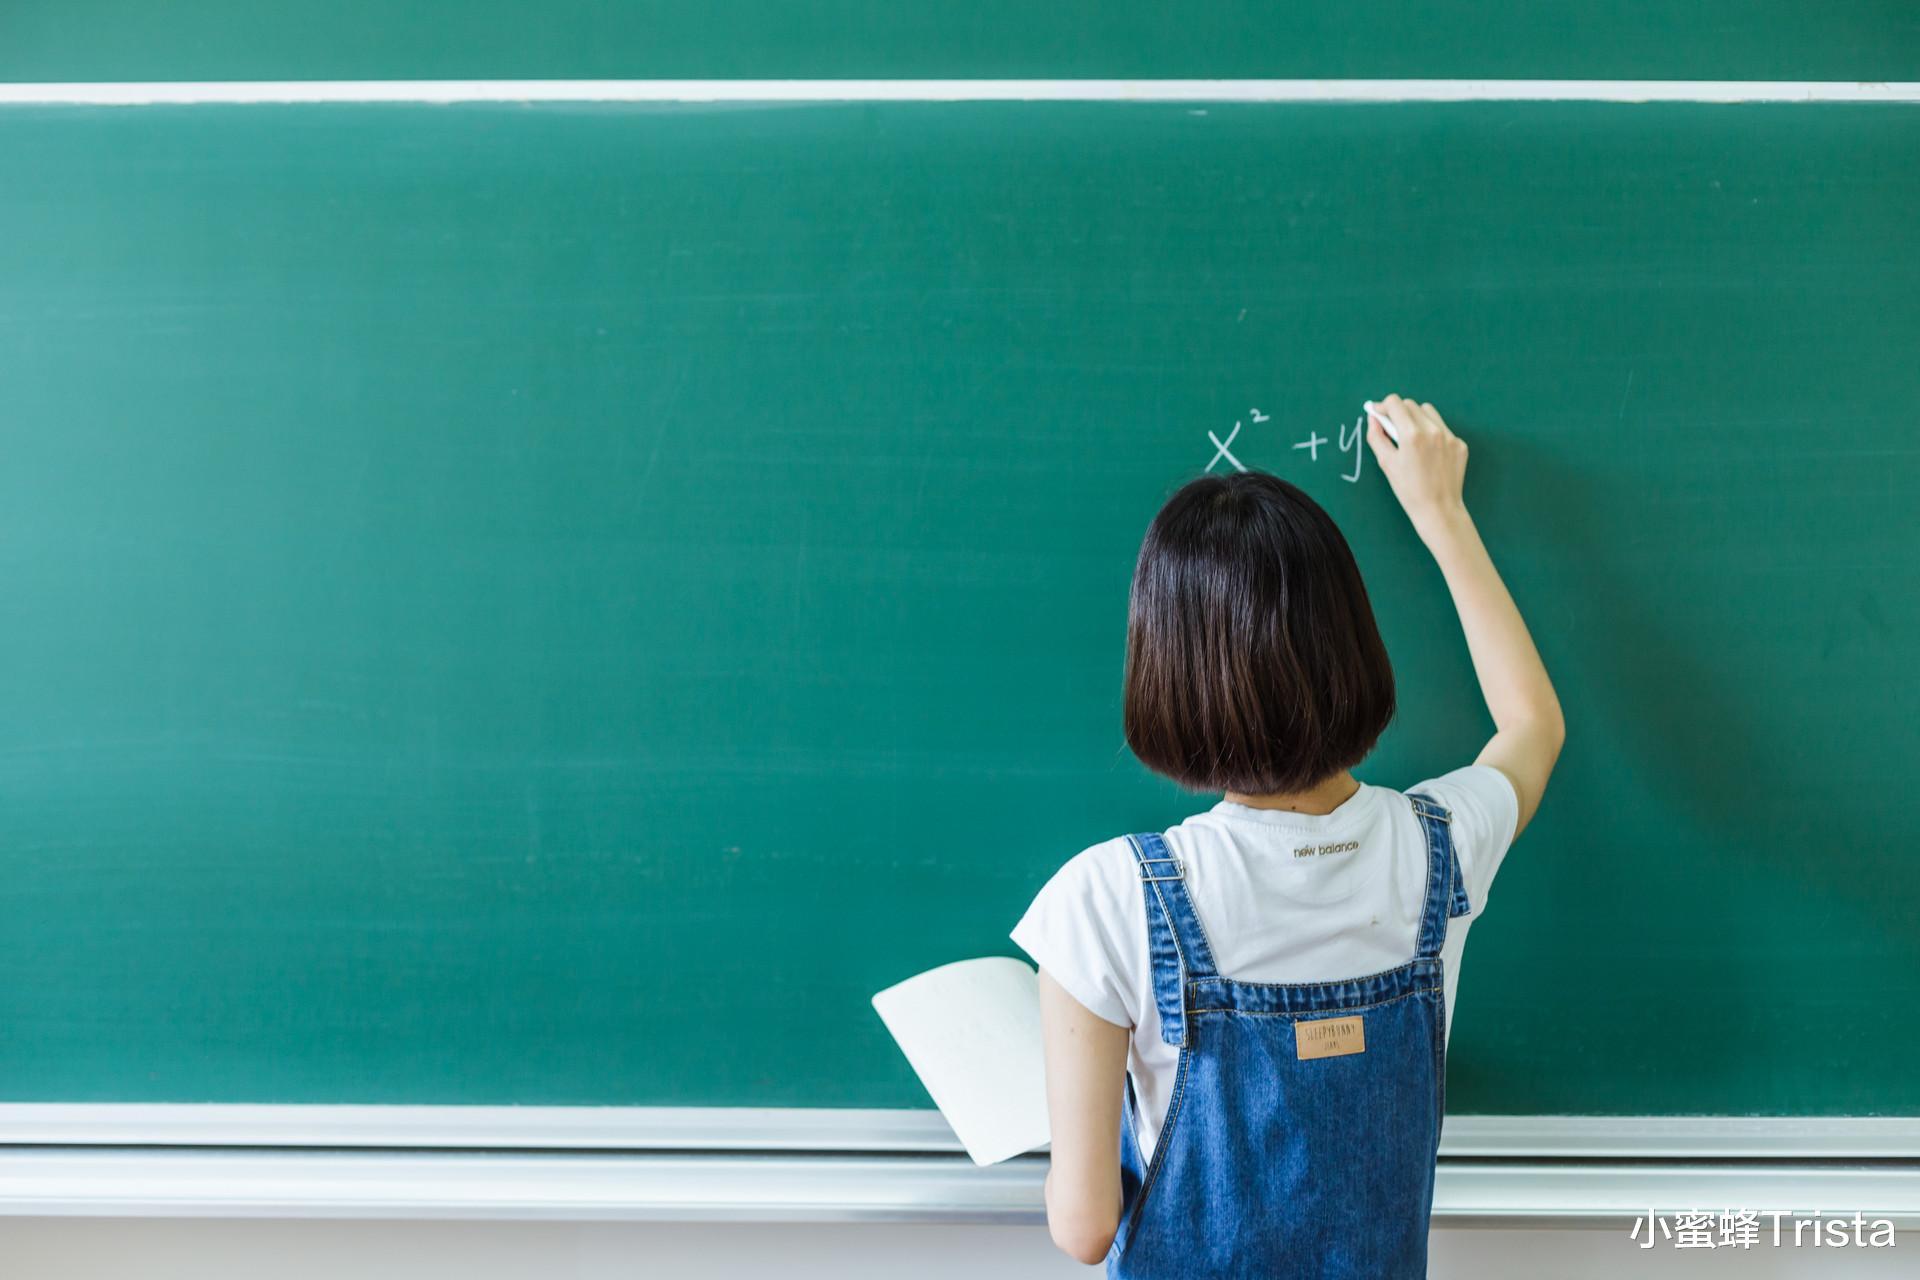 高三生注意一轮复习从学习到模拟考 这些事情你必须知道!